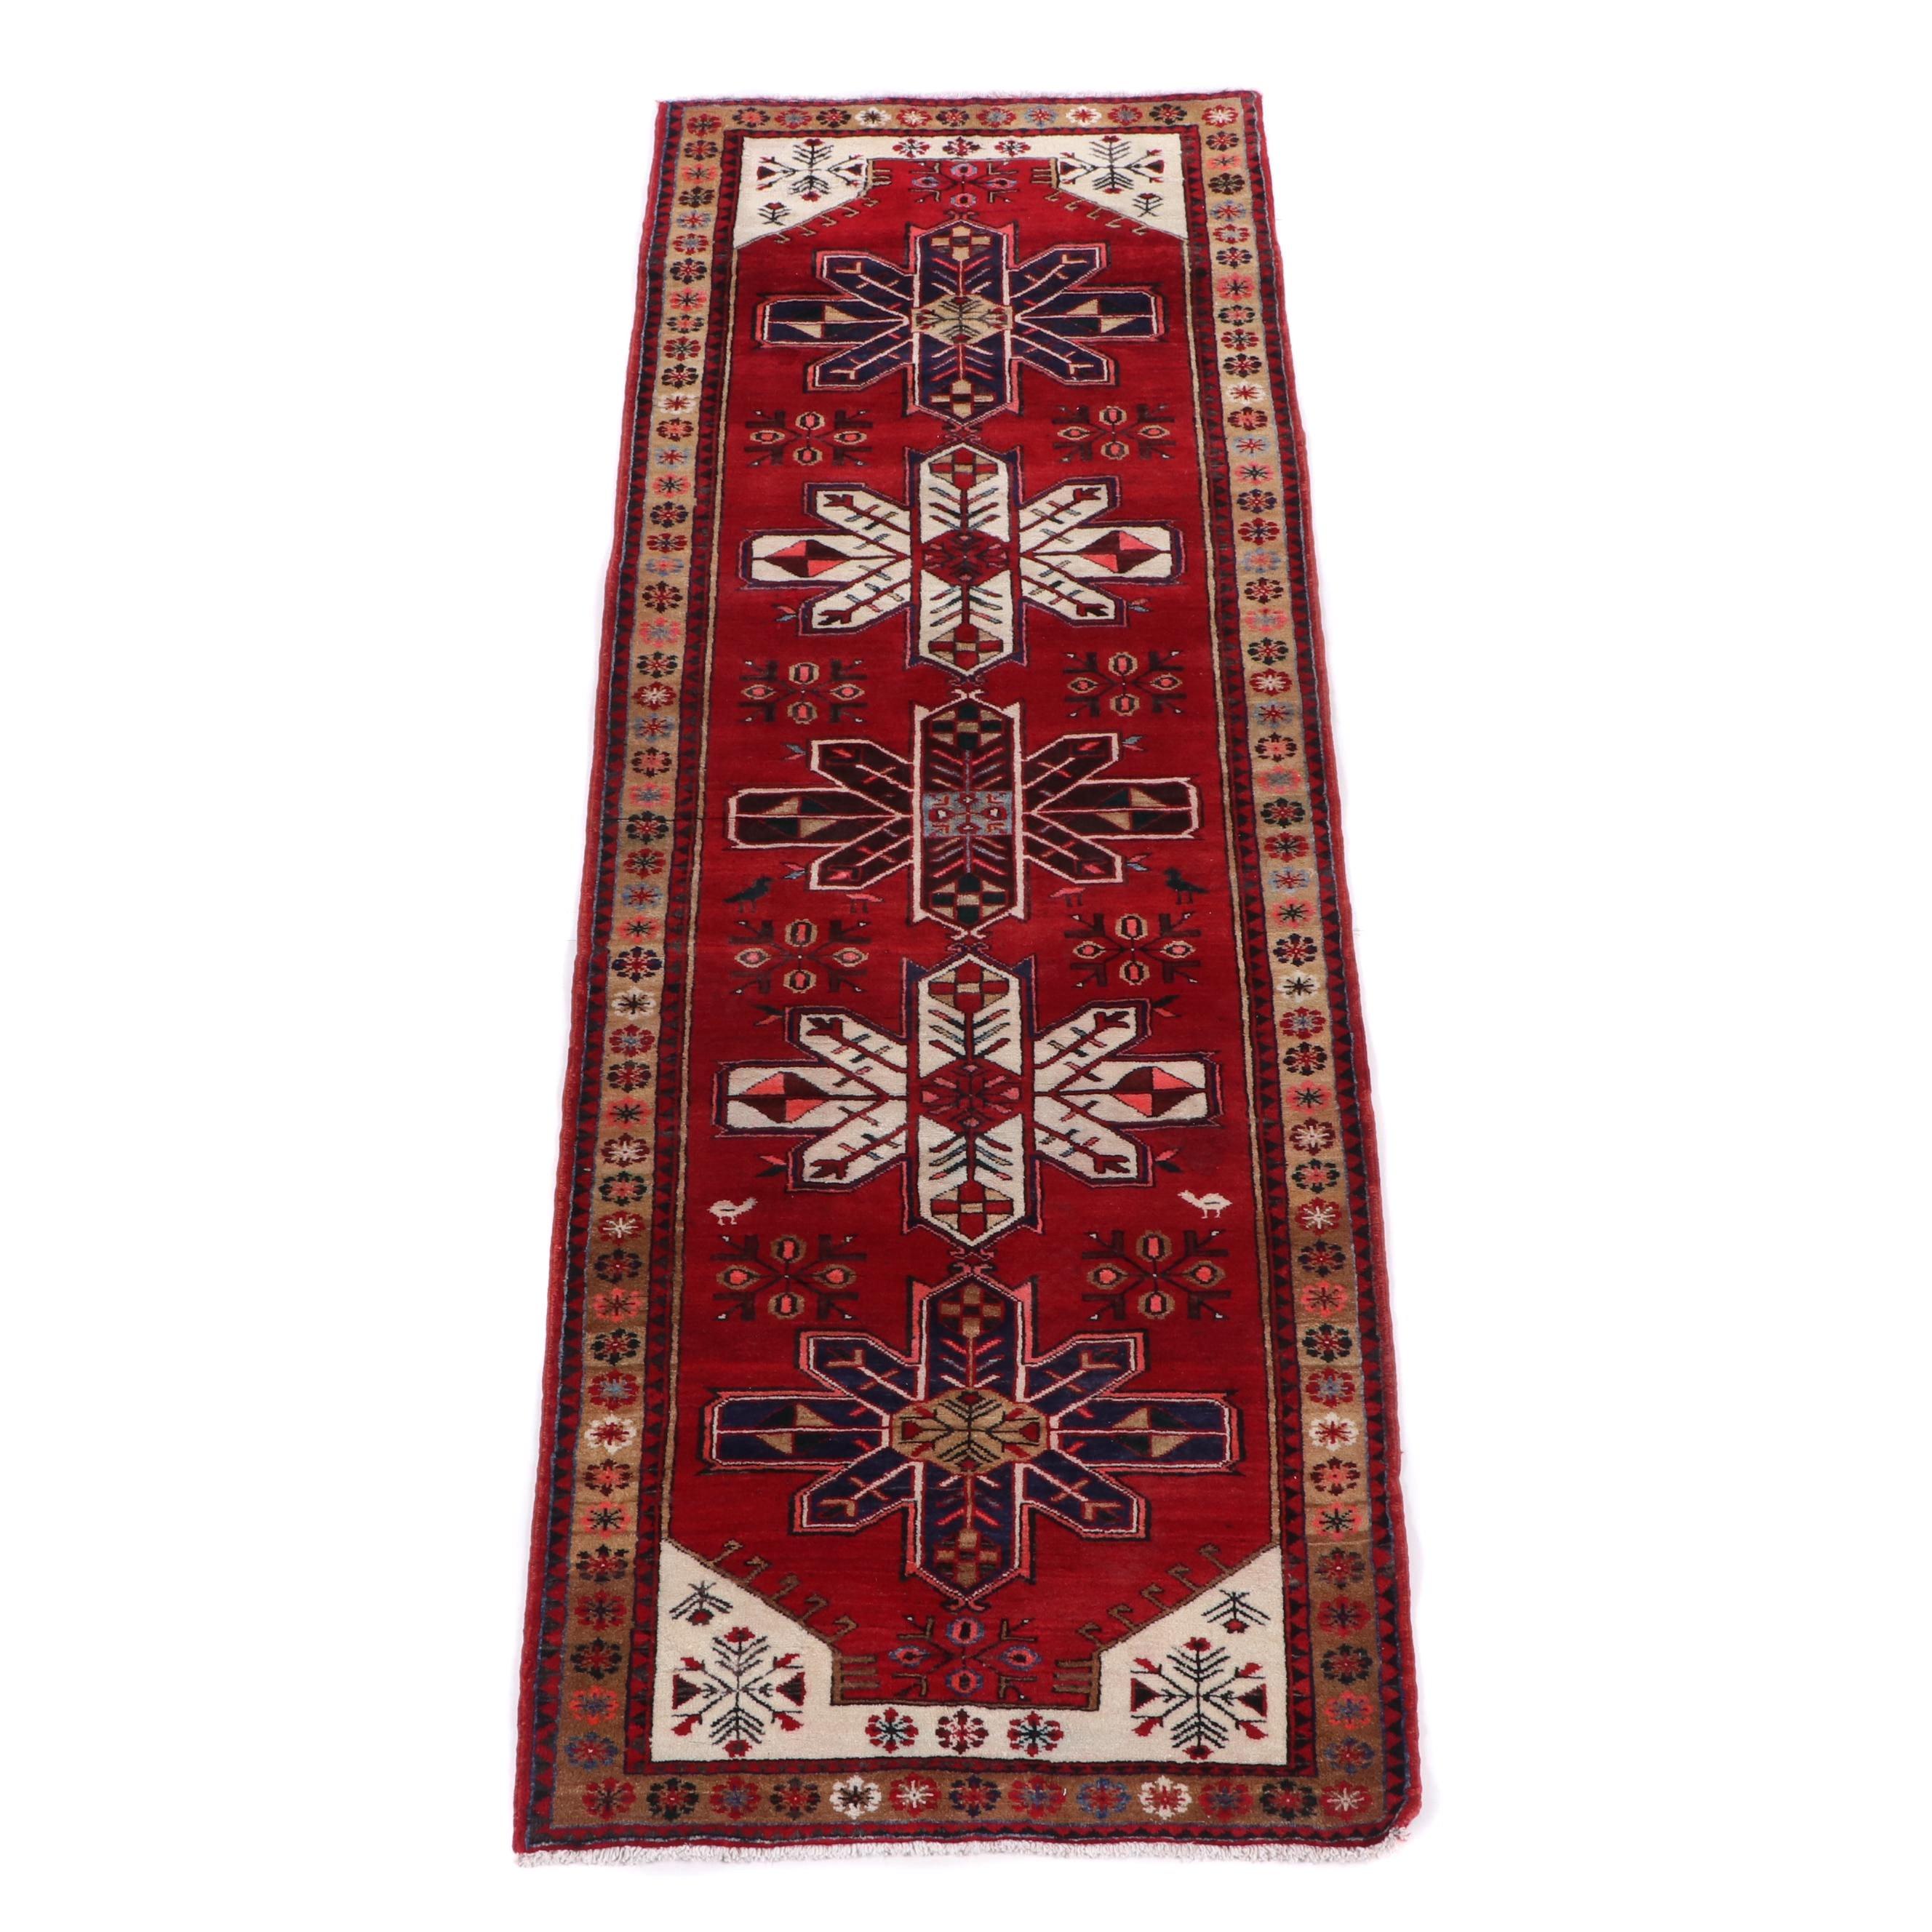 Hand-Knotted Caucasian Karabagh Wool Carpet Runner